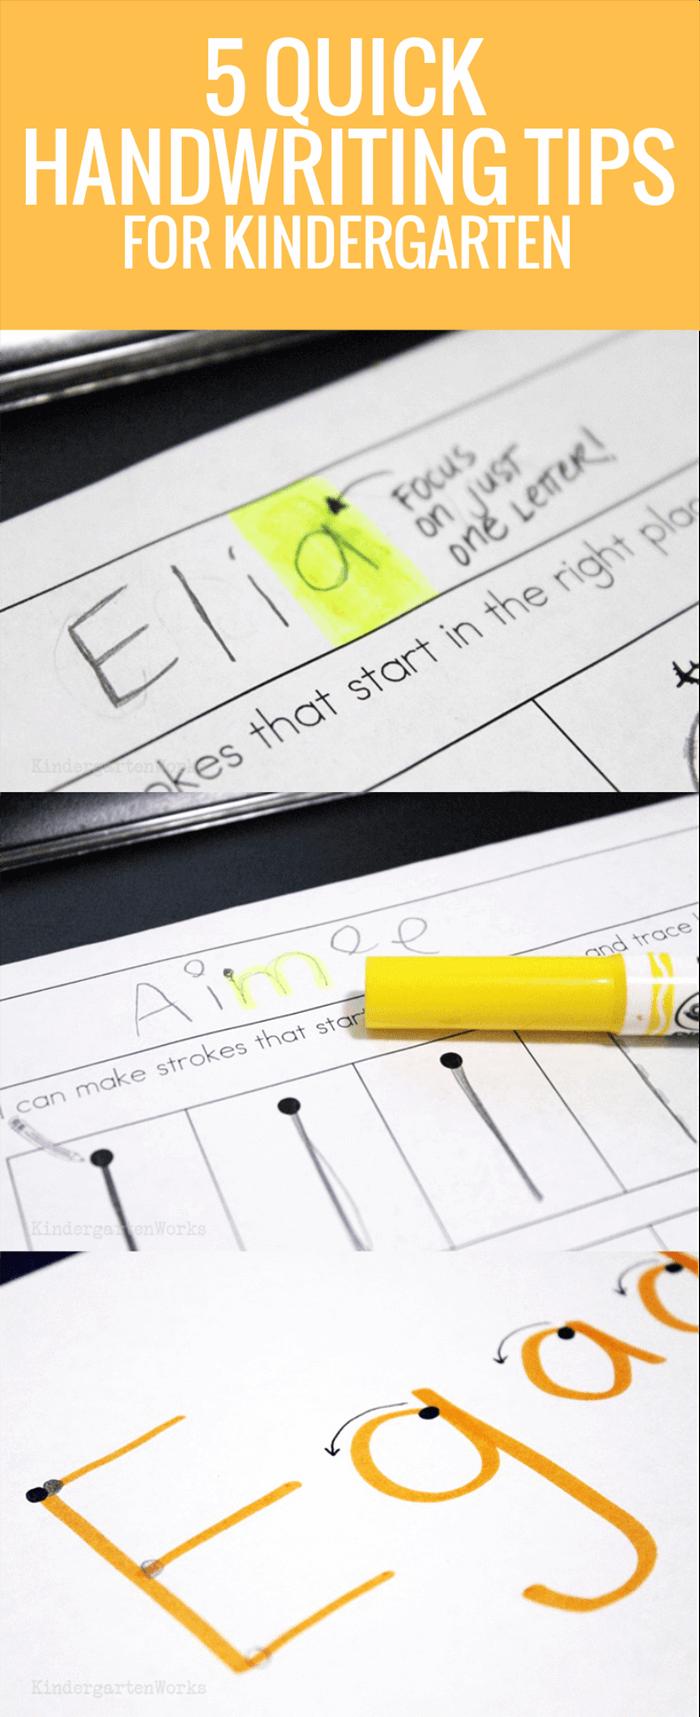 5 Quick Handwriting Tips for Kindergarten